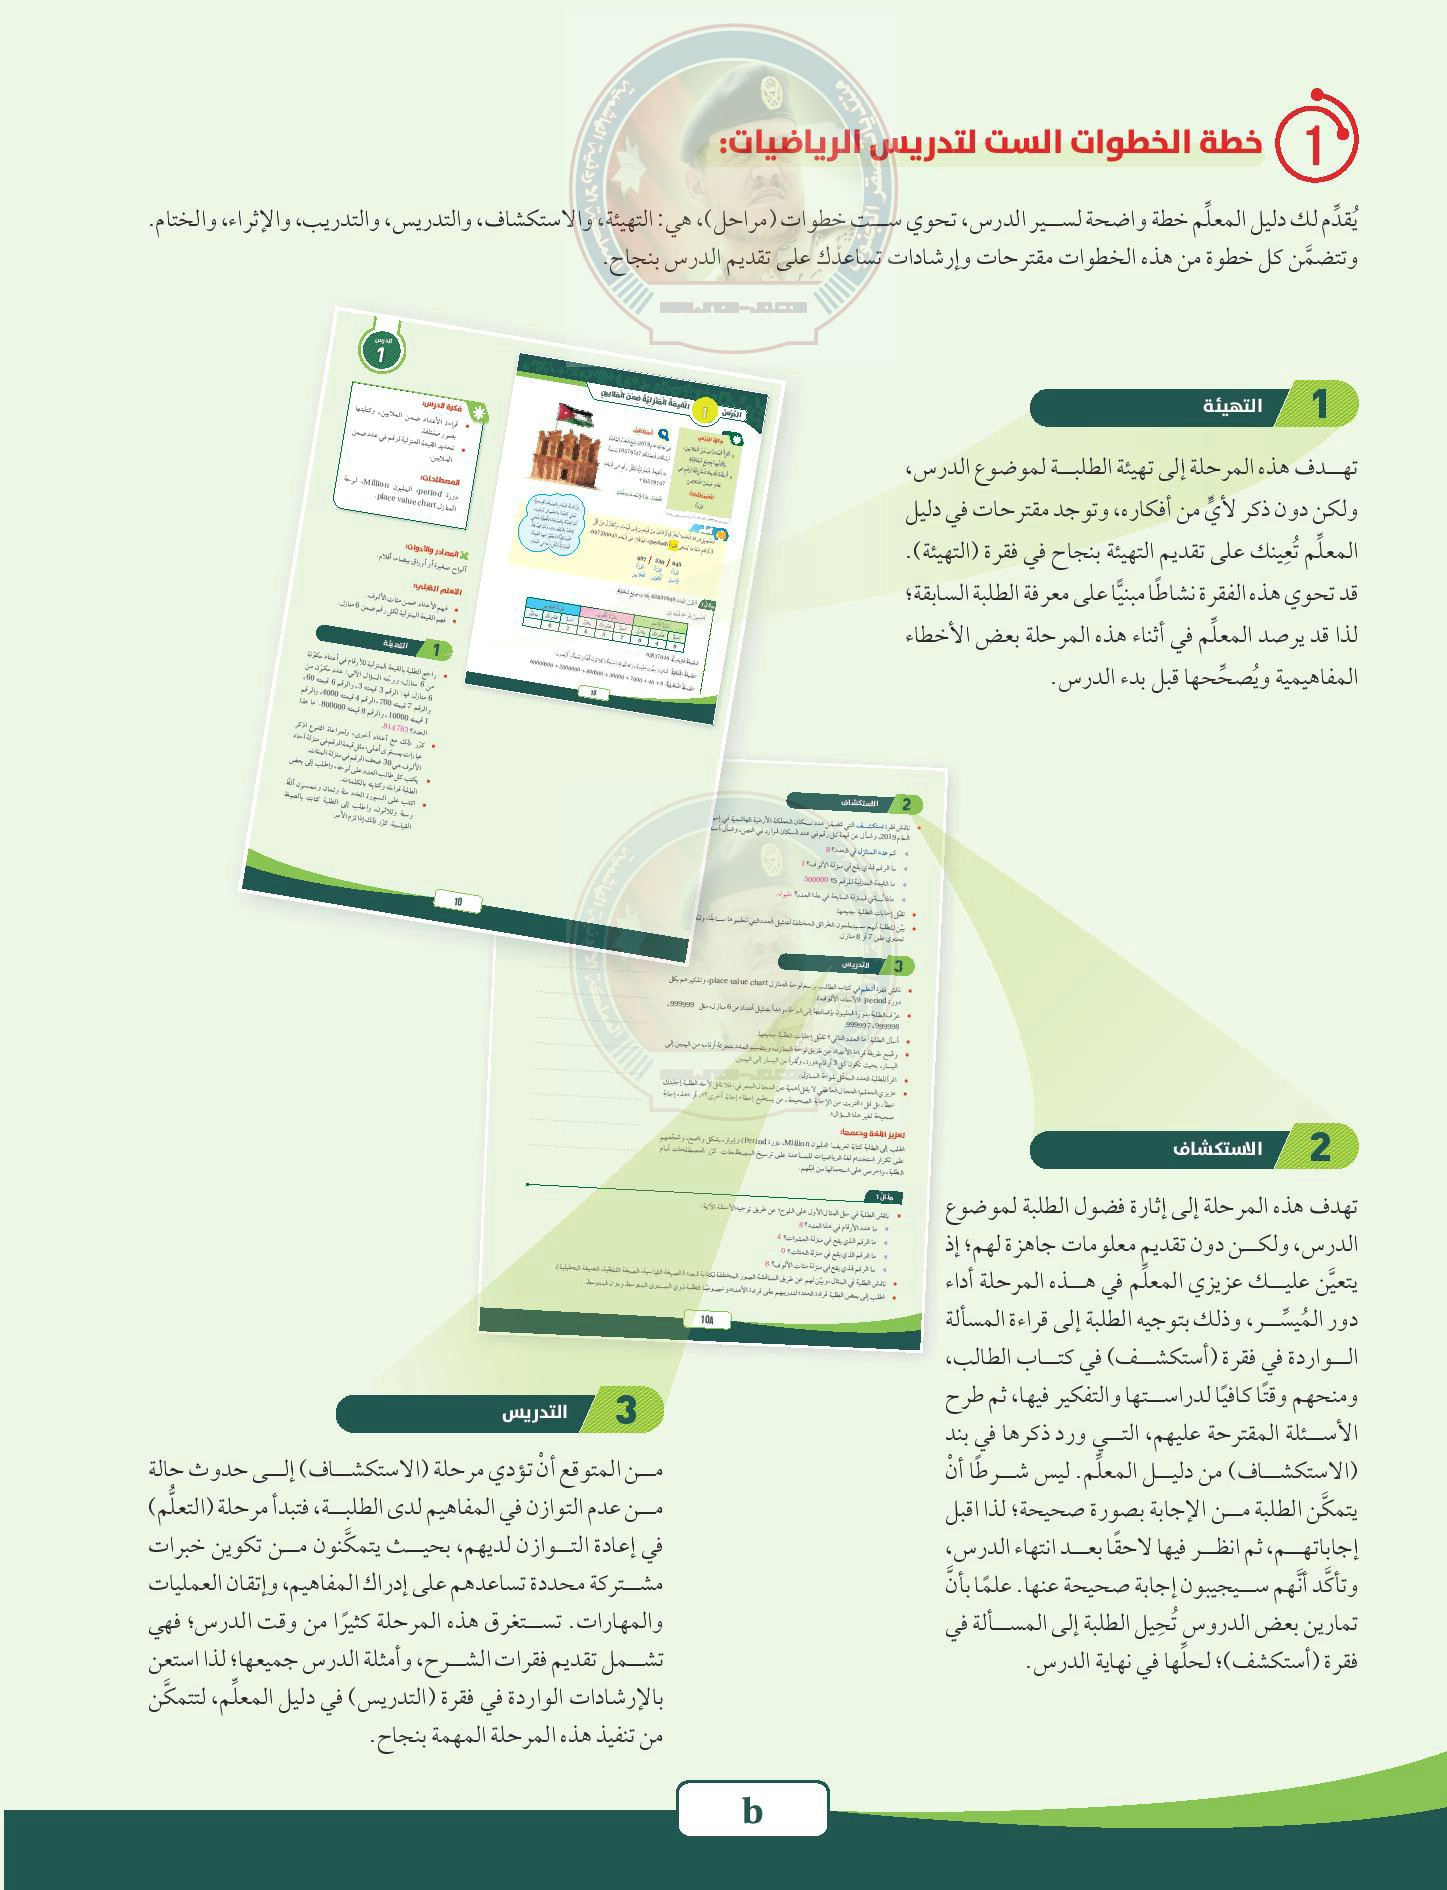 كتاب الطالب مادة الحوسبه وتكنولوجيا